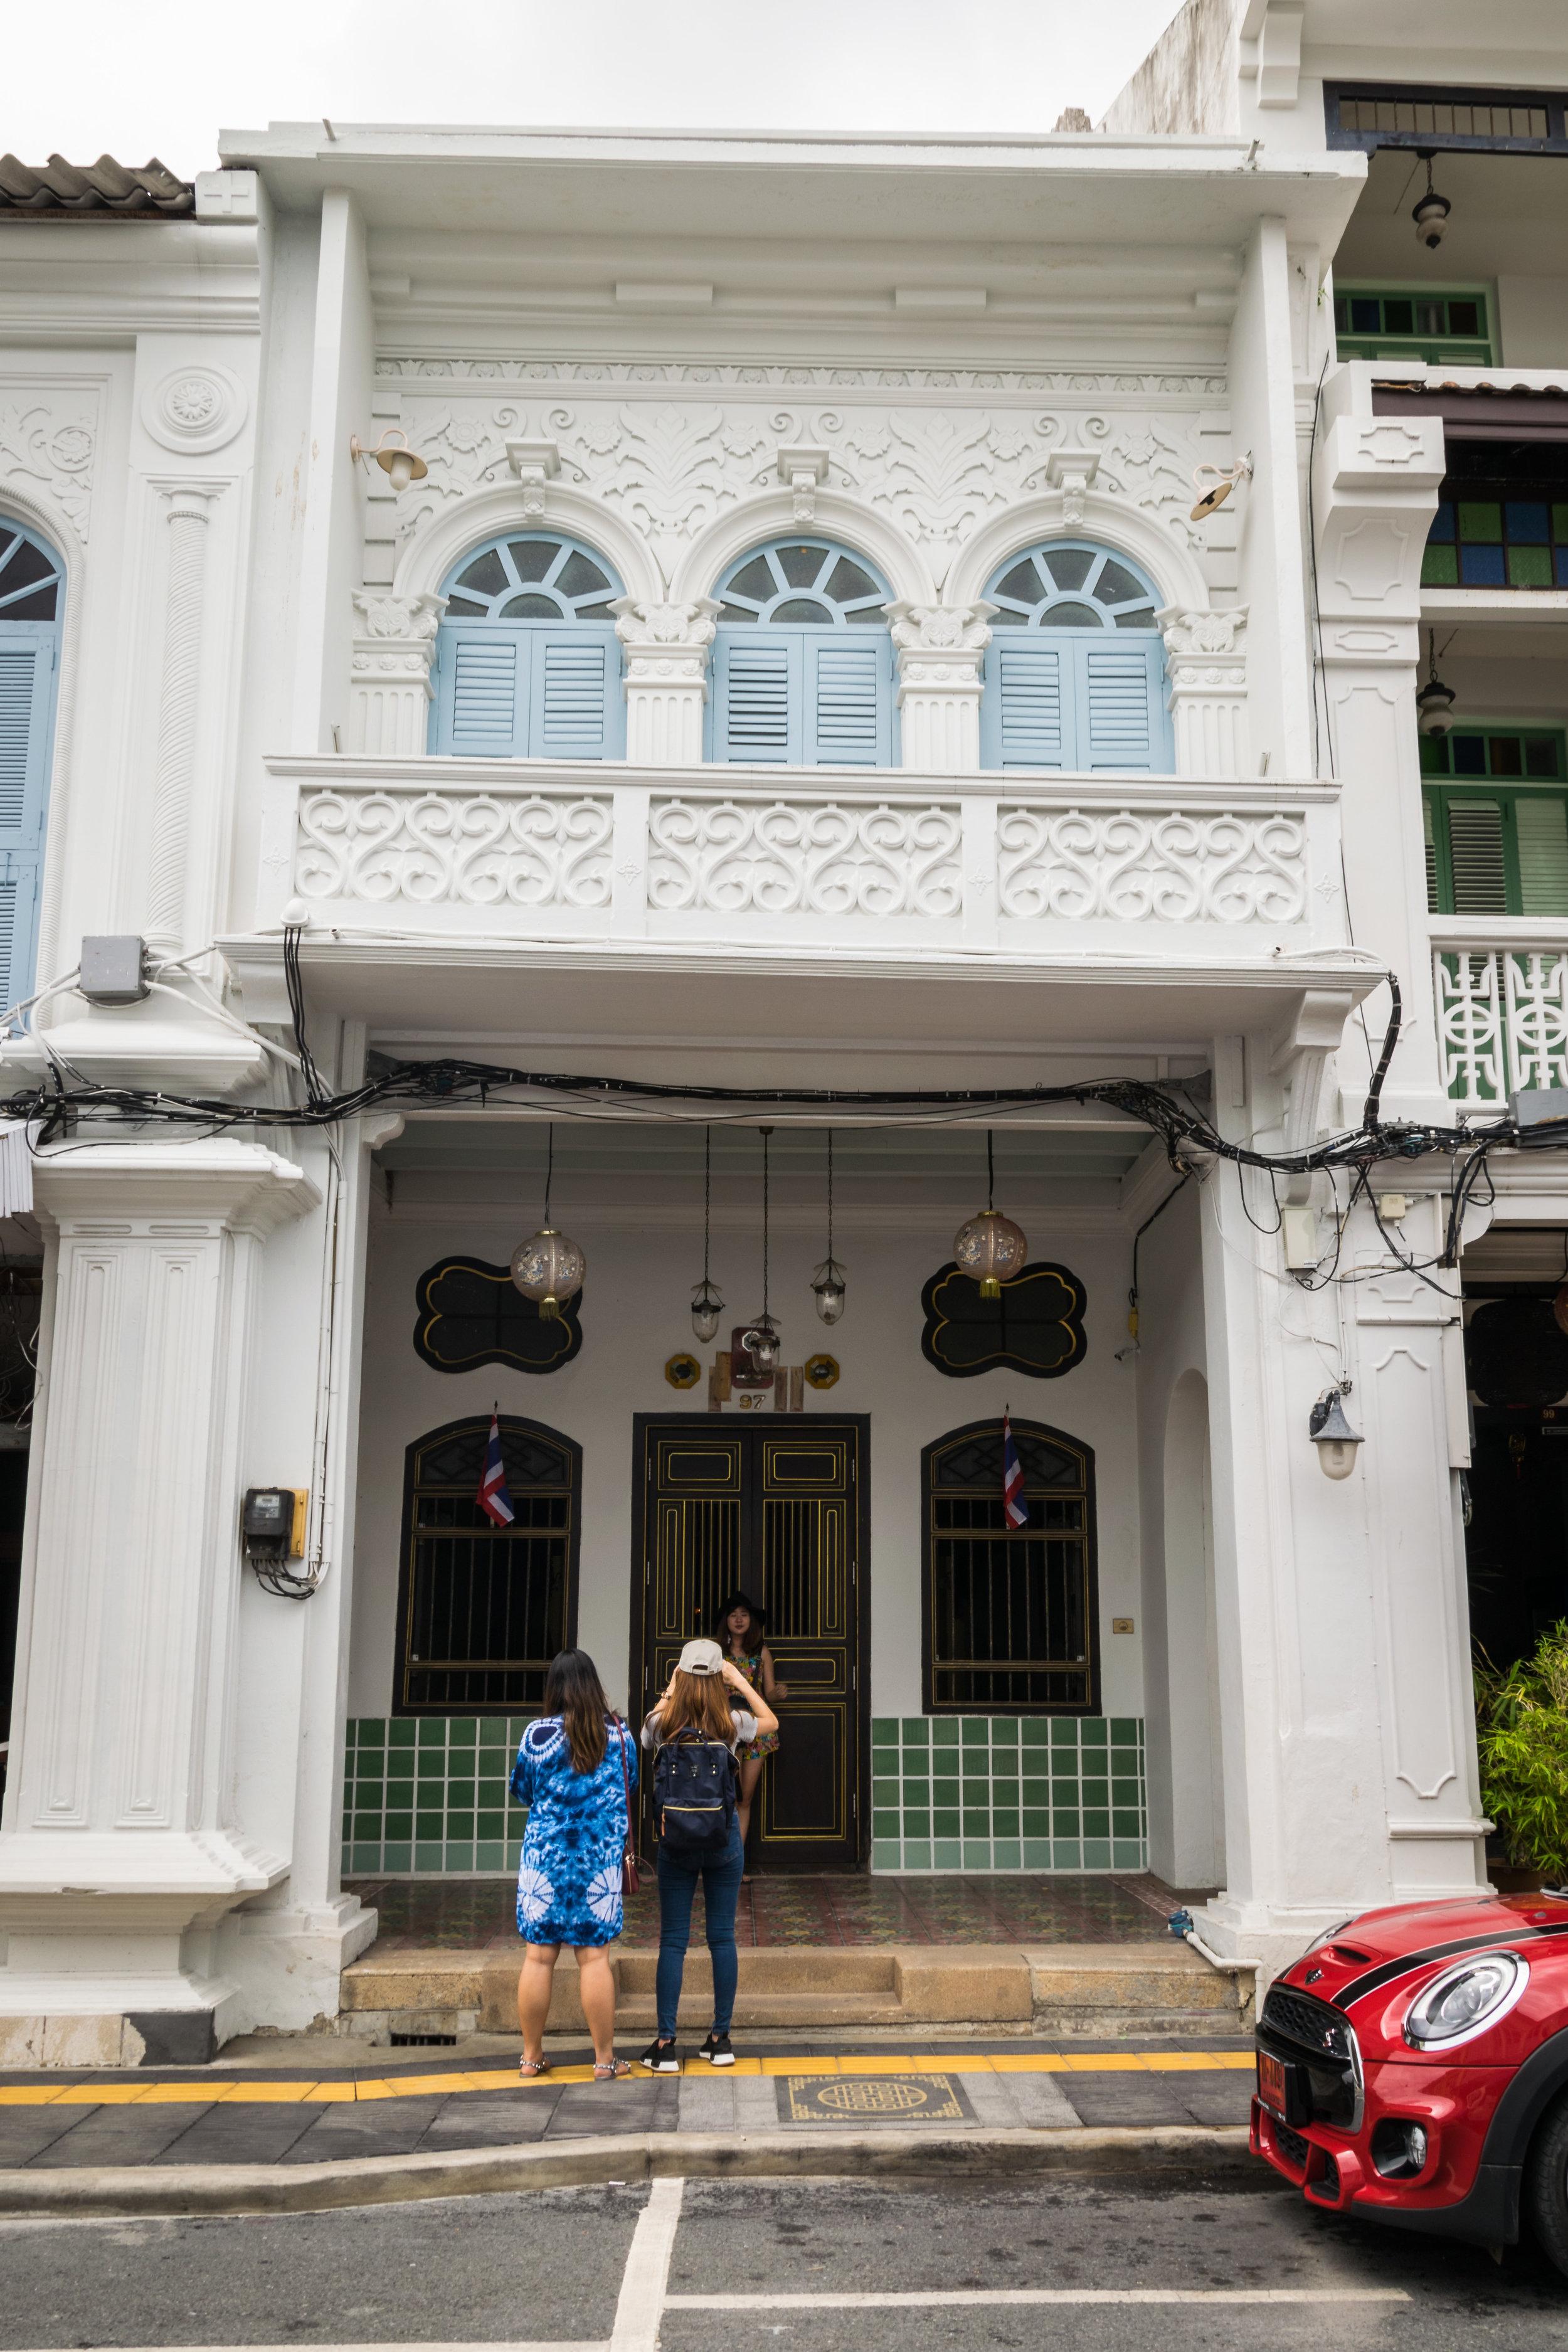 Phuket Old Town buildings-12.jpg